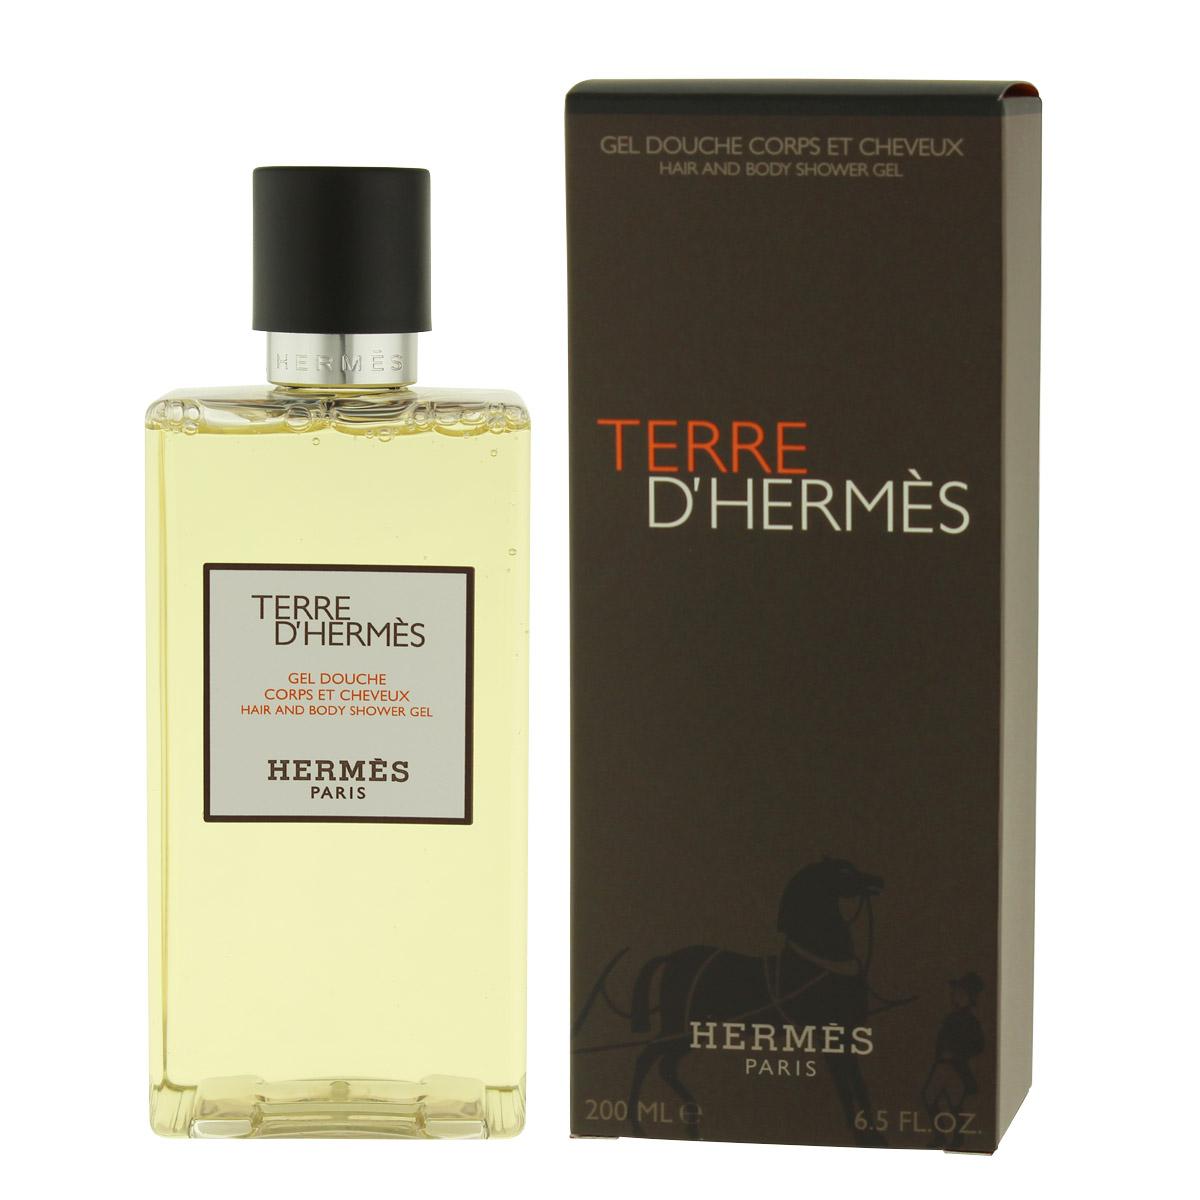 Hermès Terre D'Hermès SG 200 ml M